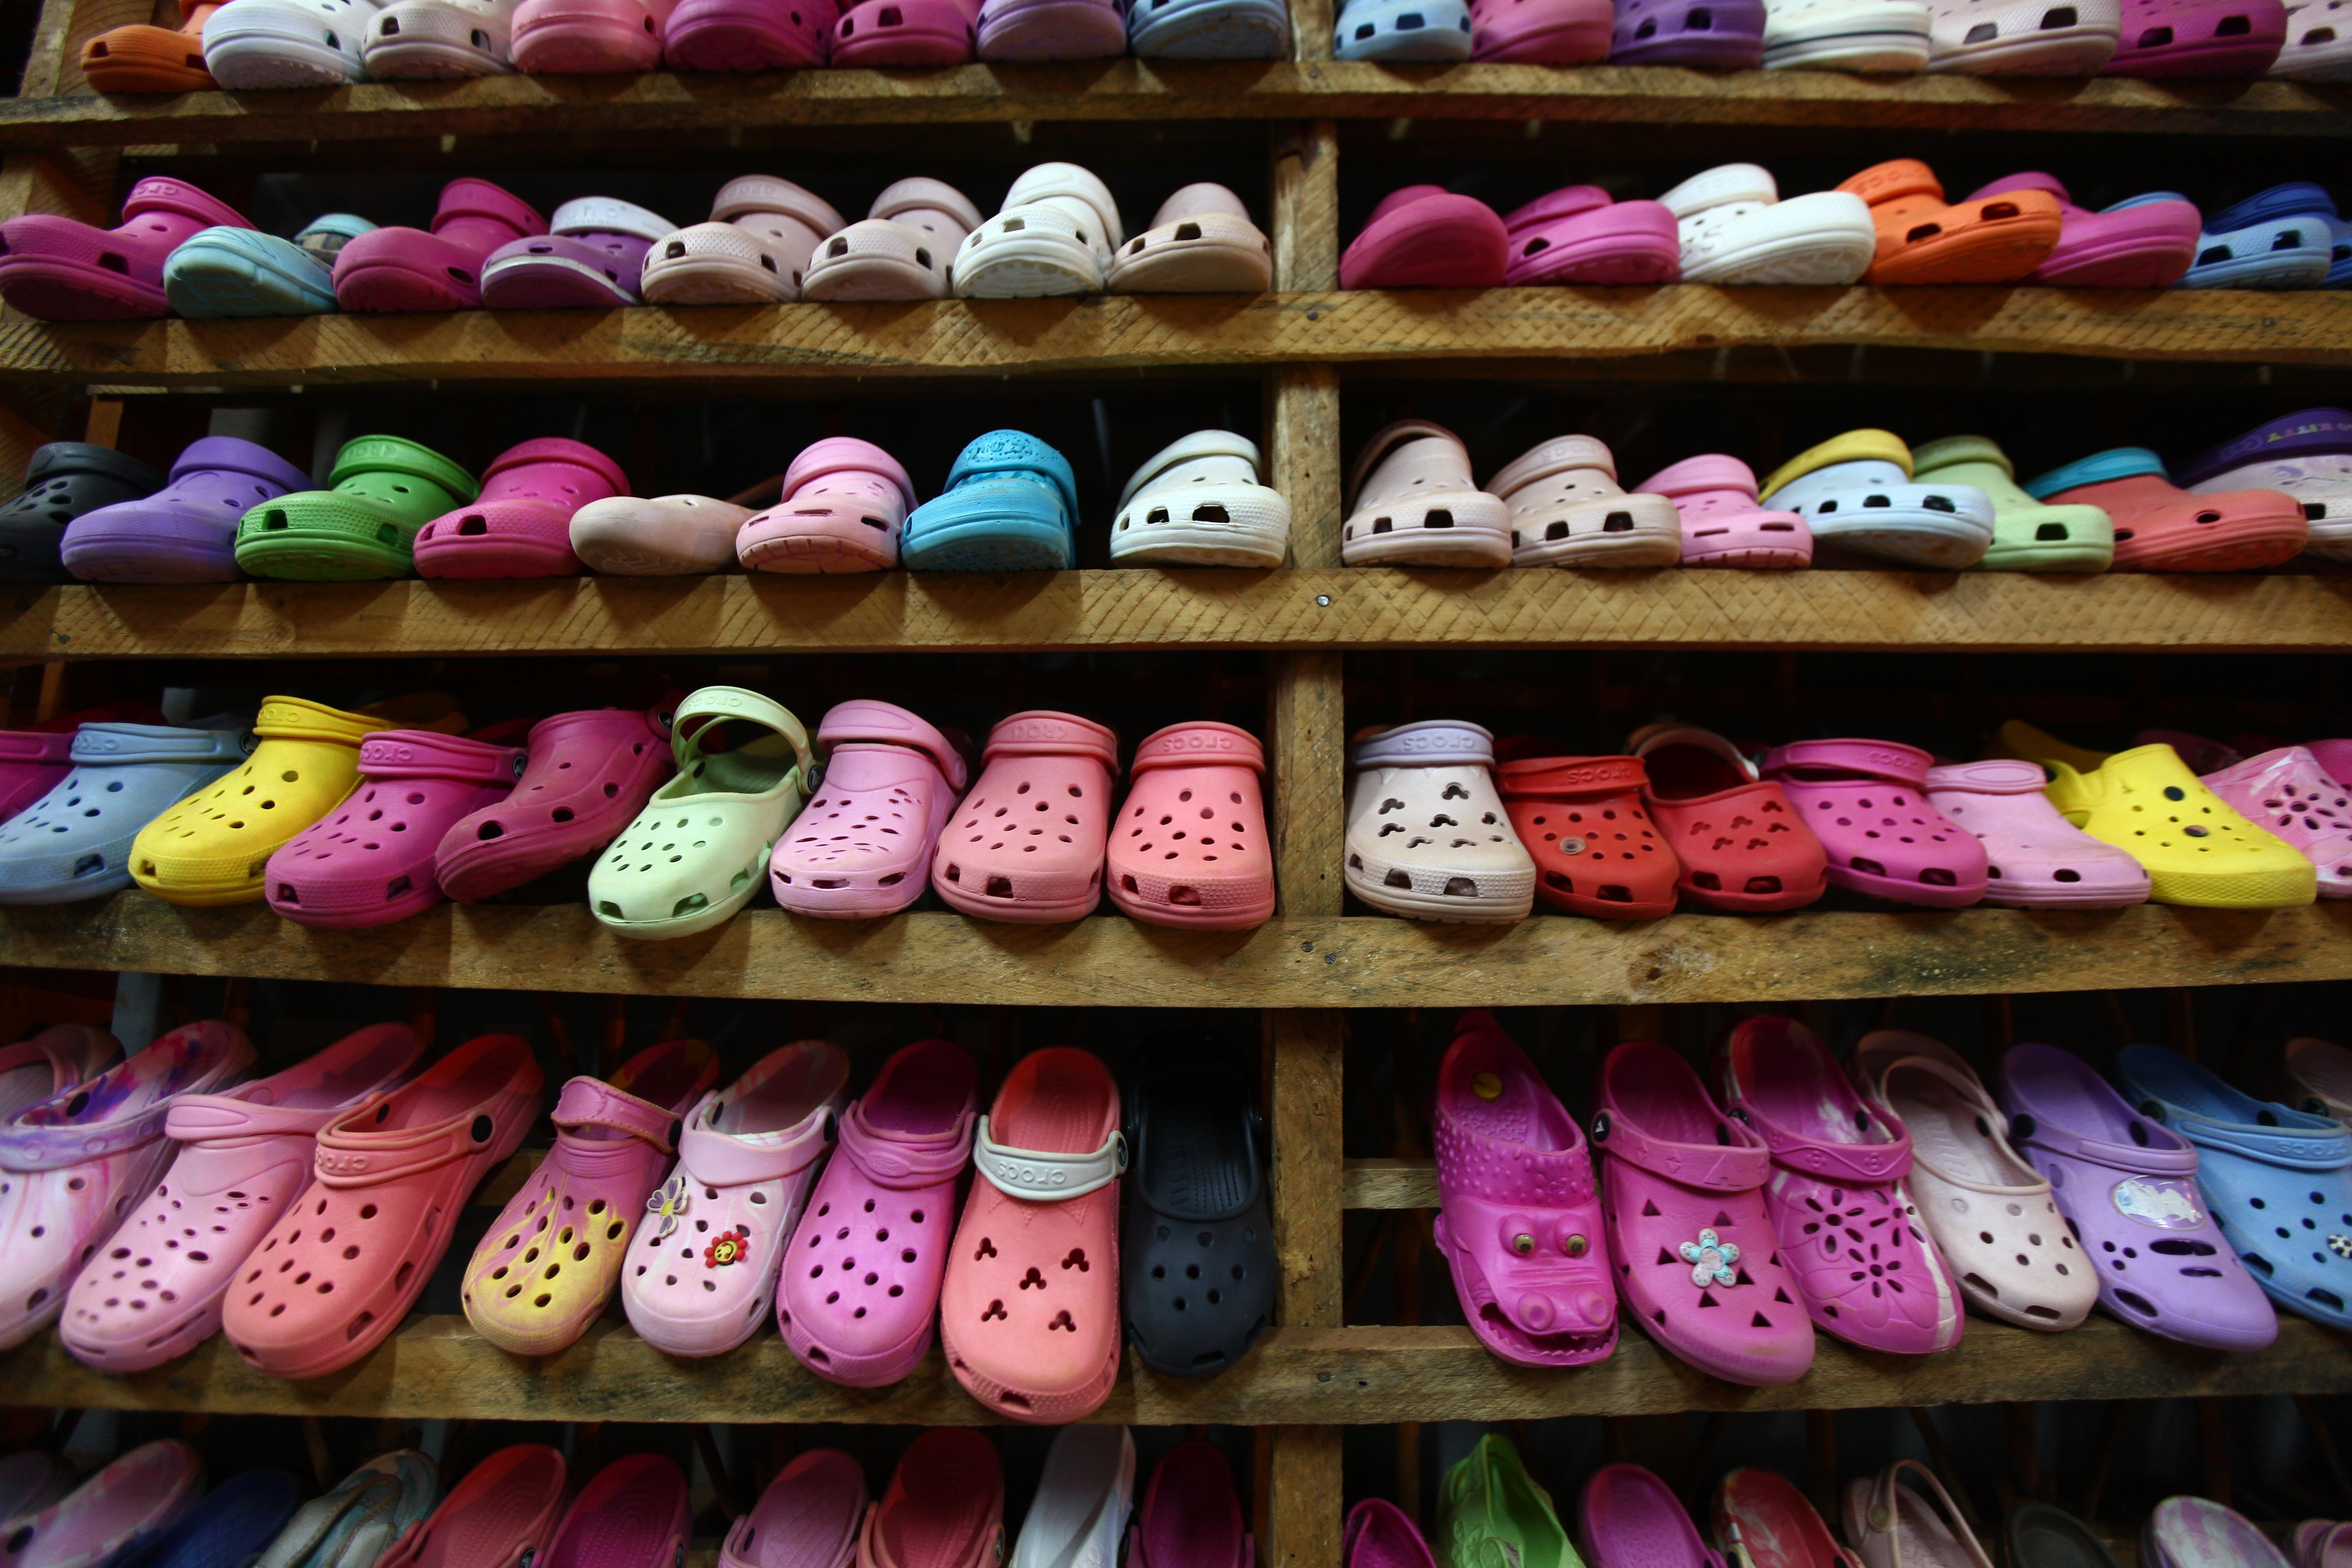 What if shoes felt what we felt - 7